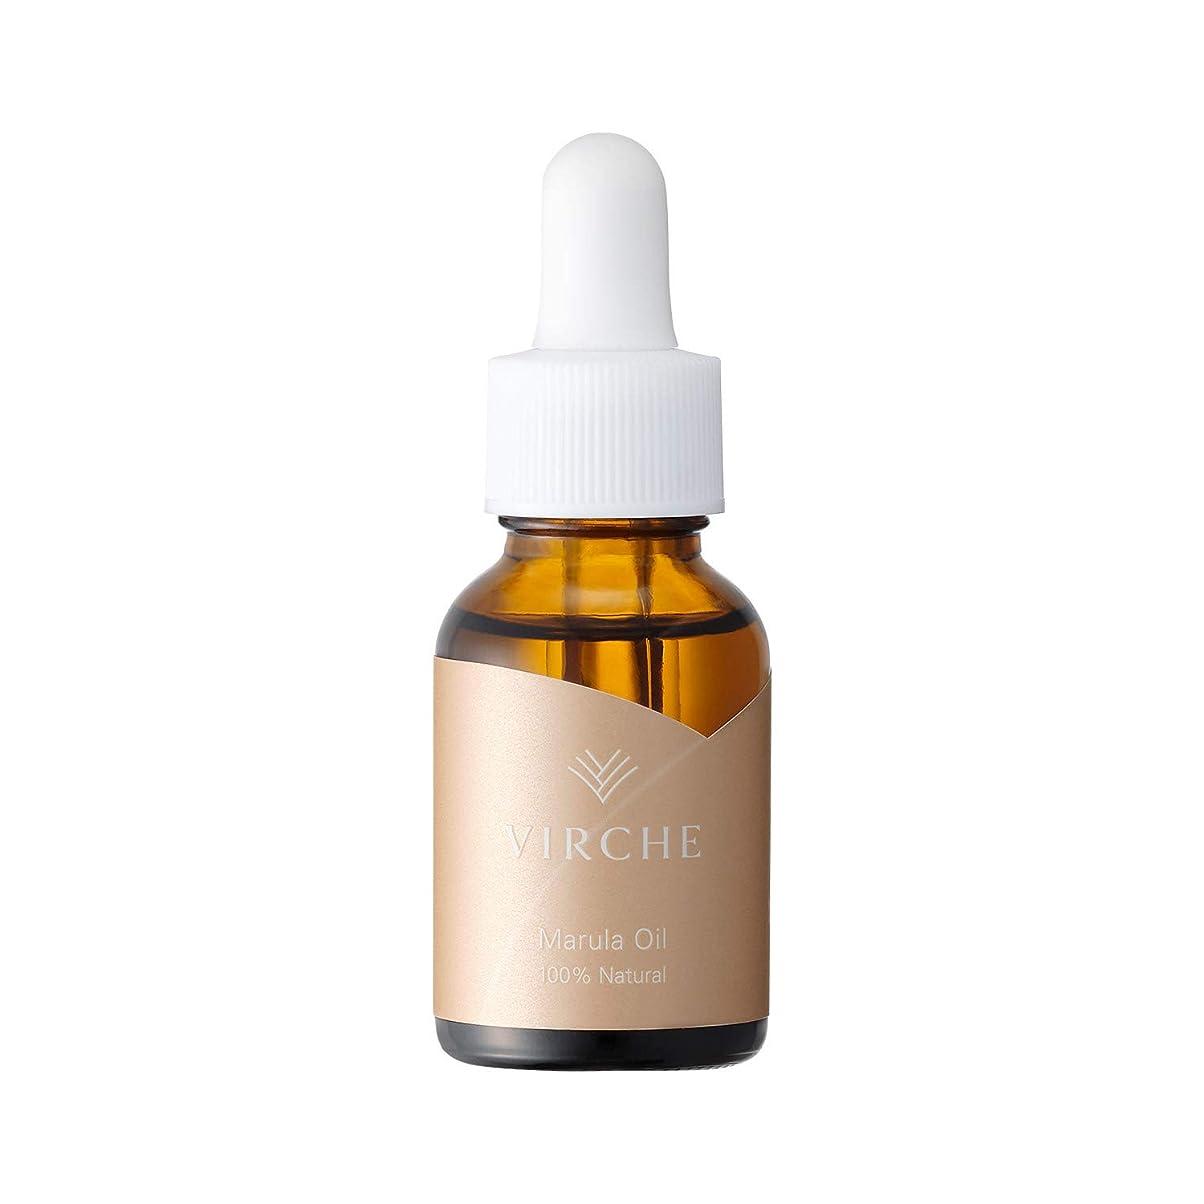 賢明な賢い直面するマルラオイル(Marula Oil)国内で品質管理/無香料/防腐剤、香料、着色料すべて無添加の美容オイル/18ml(髪など全身に使えて約30日分)